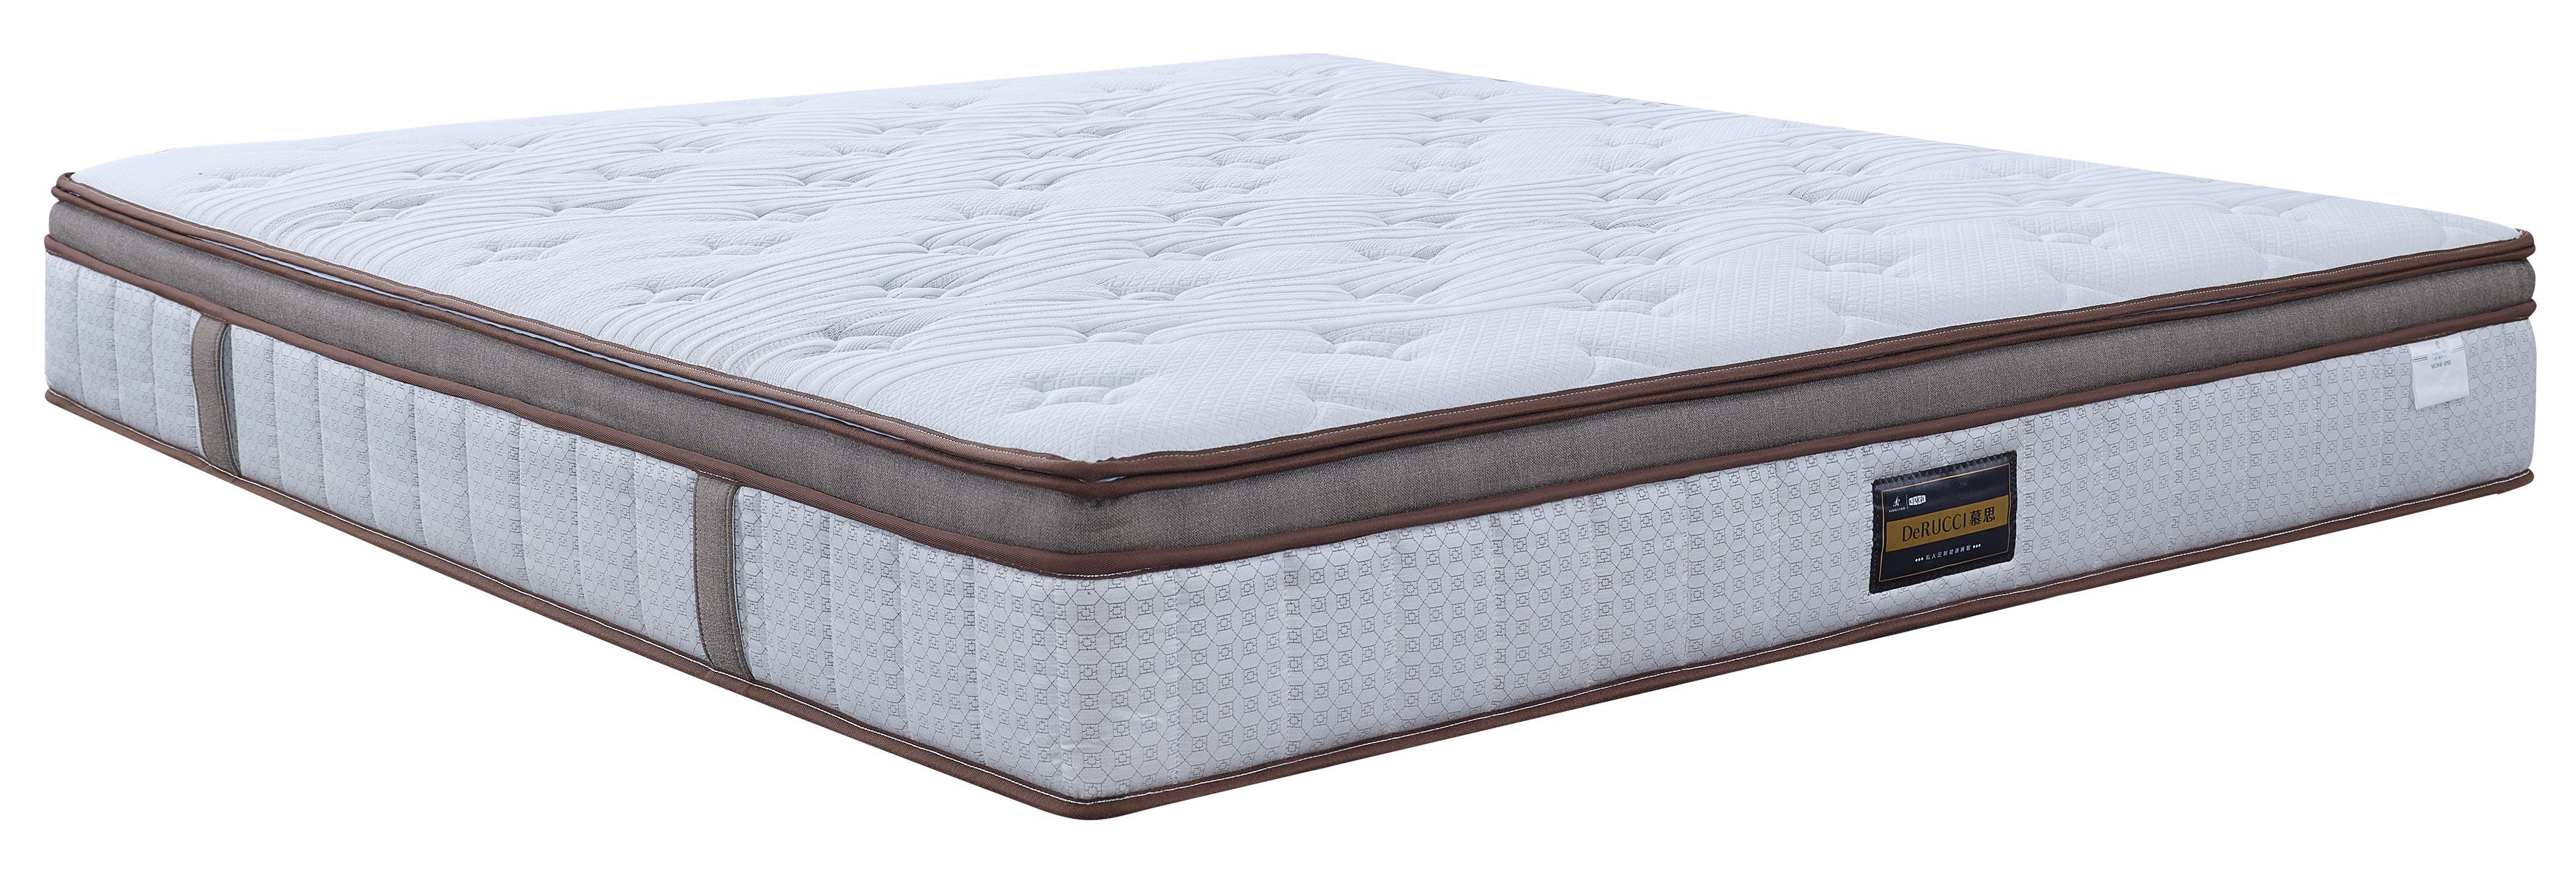 乳胶床垫的价格